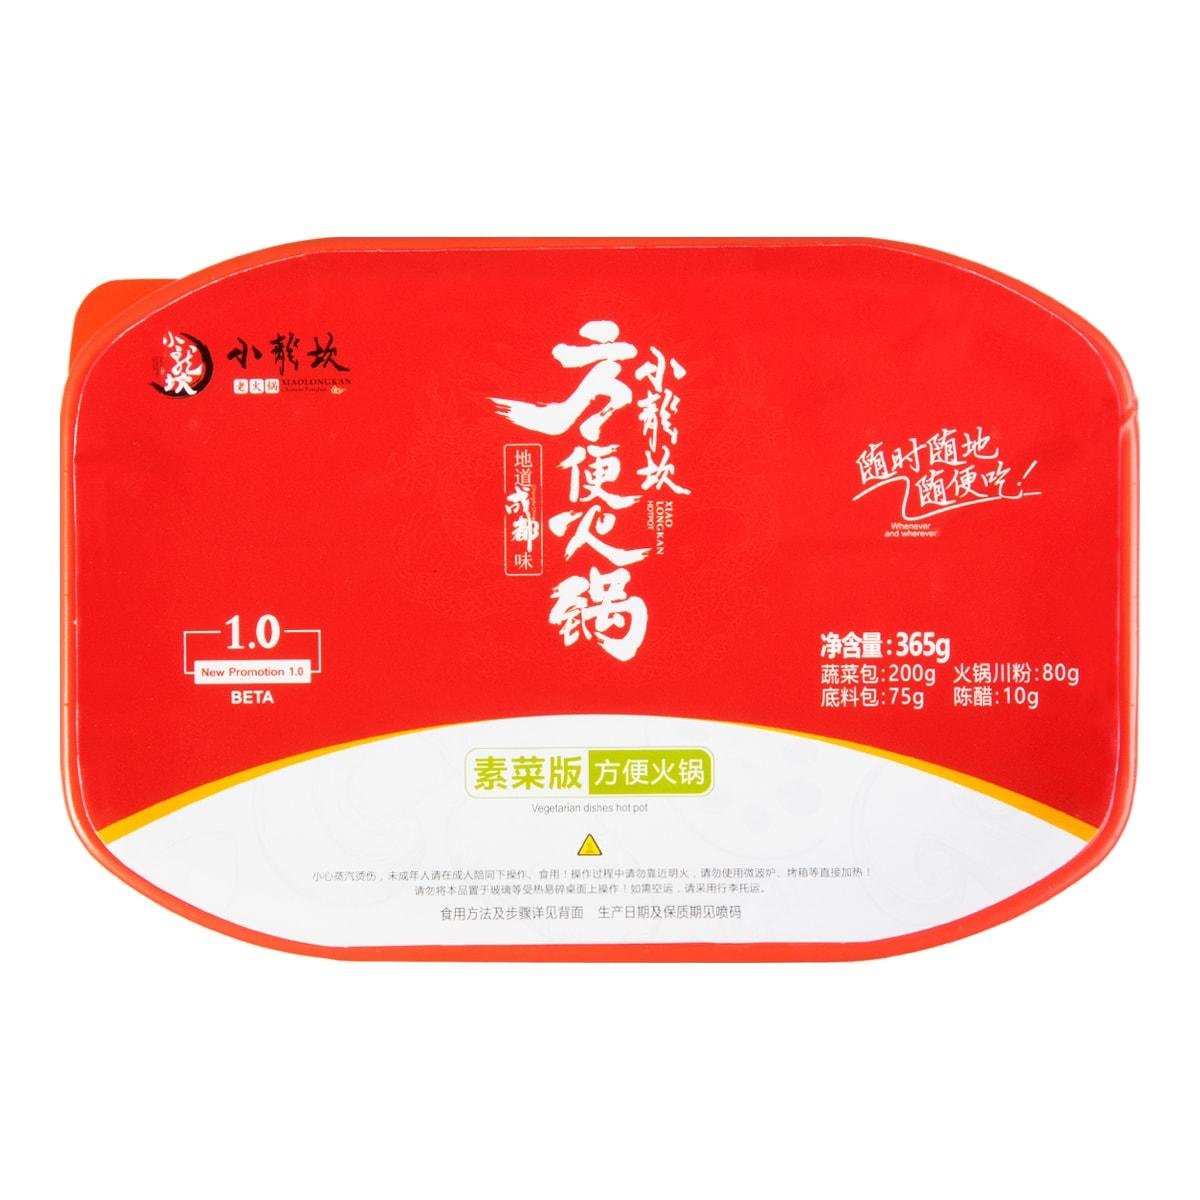 小龙坎 方便火锅 素菜版 365g